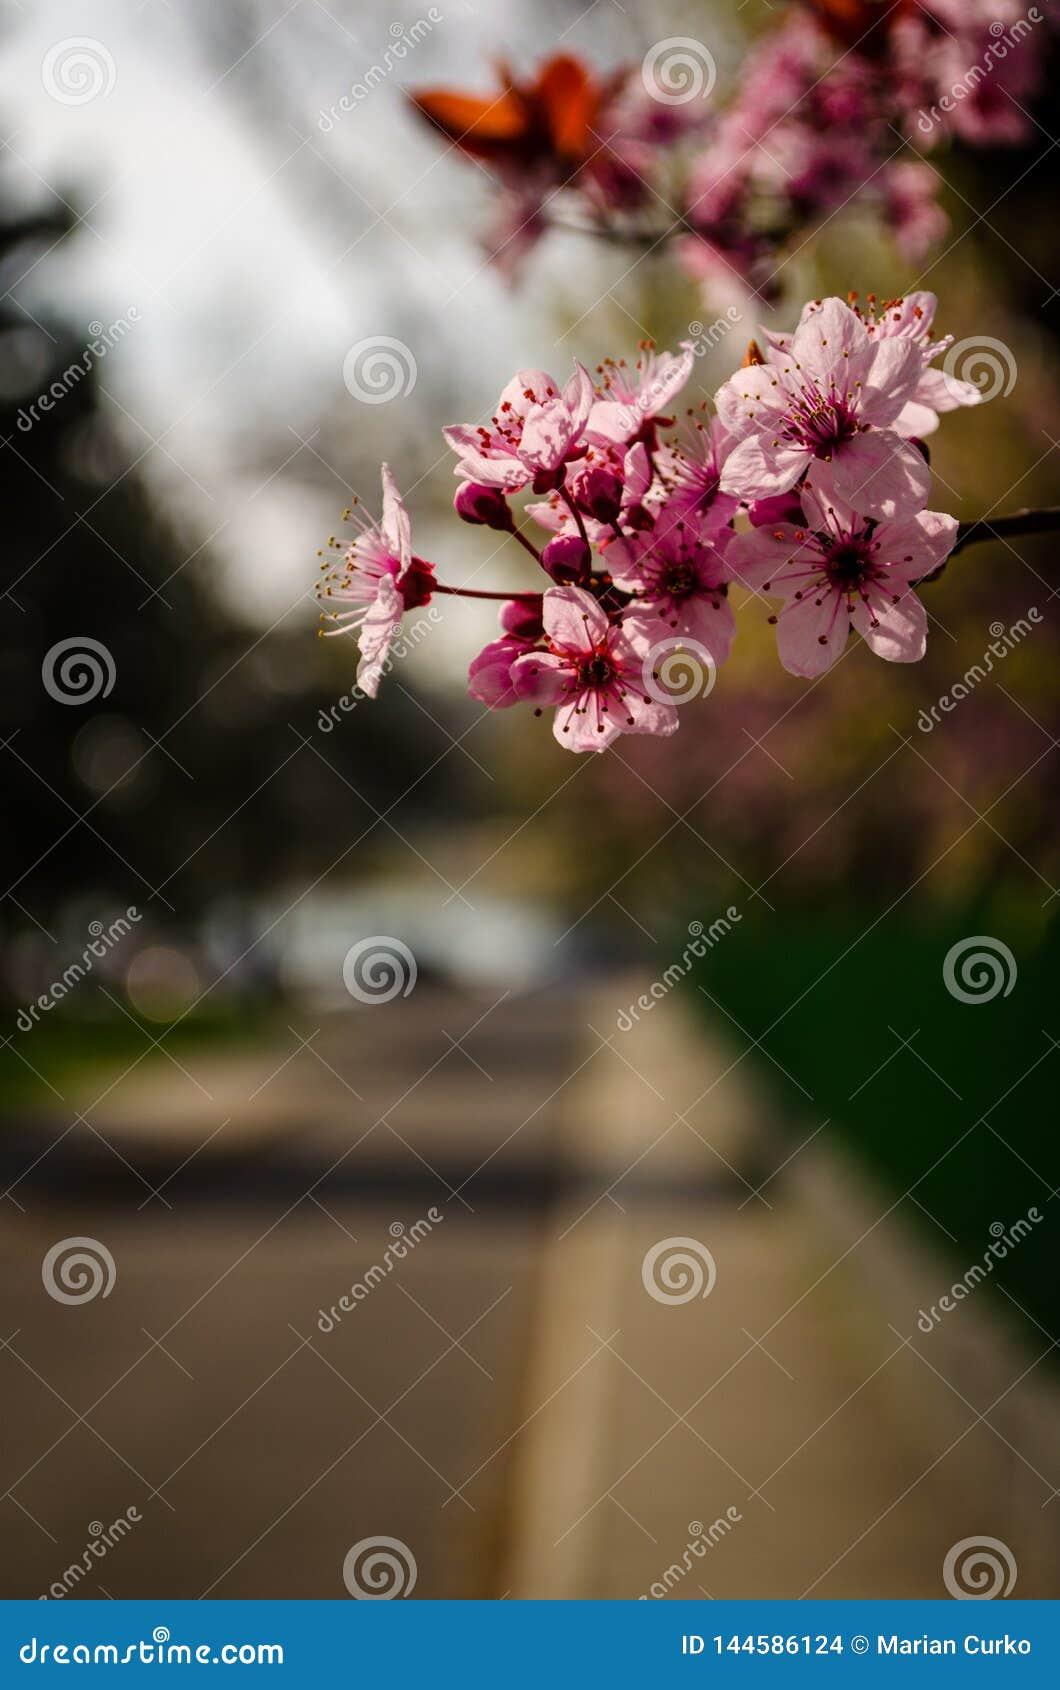 Premier ressort Cherry Blossom Near Lake